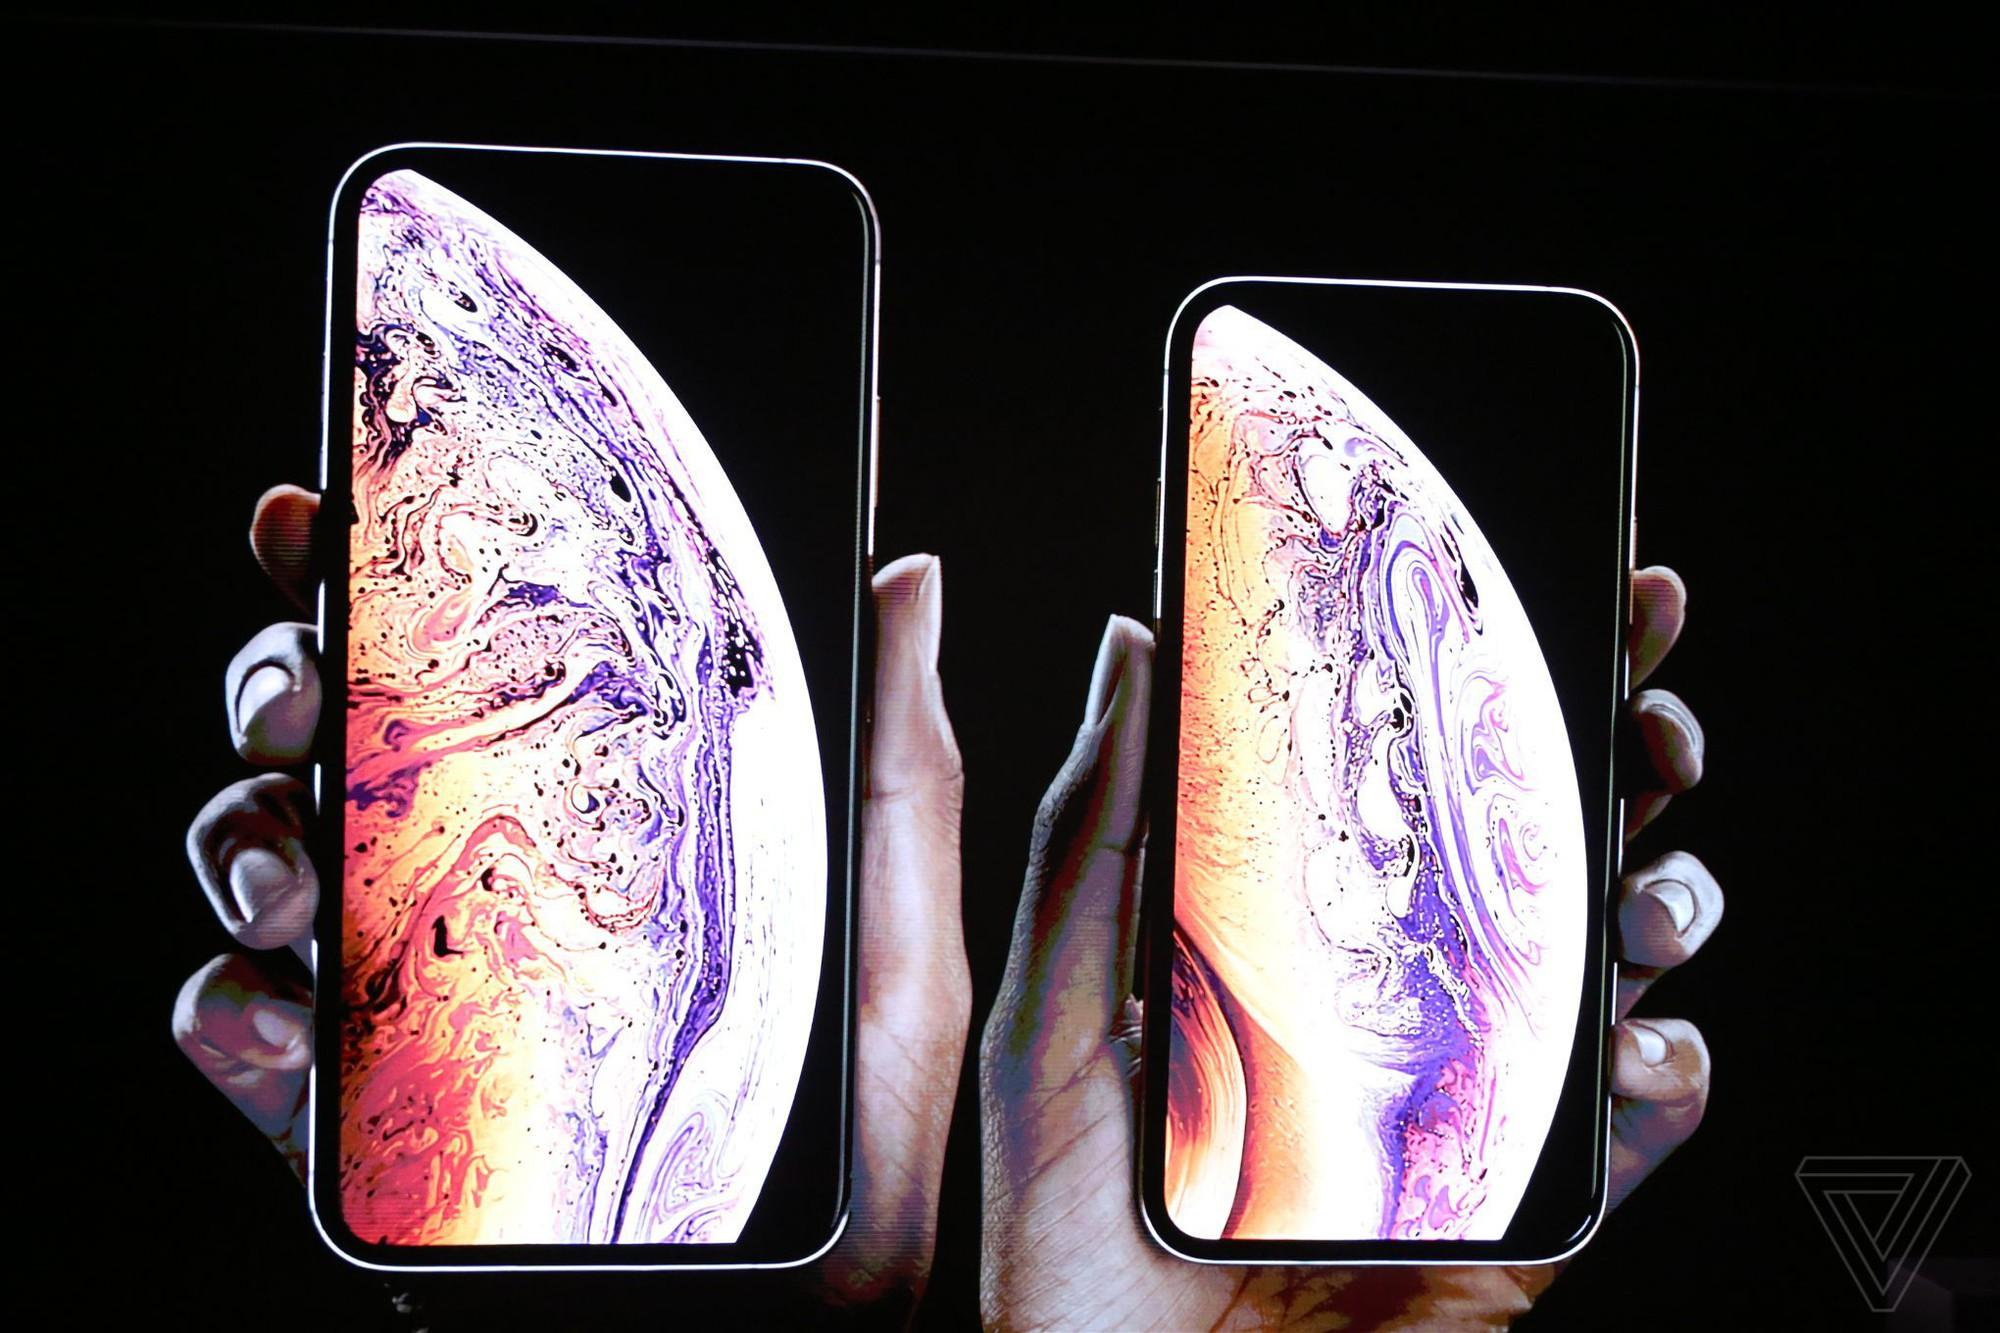 iPhone Xs/Xs Max ra mắt: Màn hình lớn nhất thị trường, thêm màu vàng sang chảnh, chụp ảnh đẹp hơn, có 2 SIM, 512GB dung lượng - Ảnh 1.